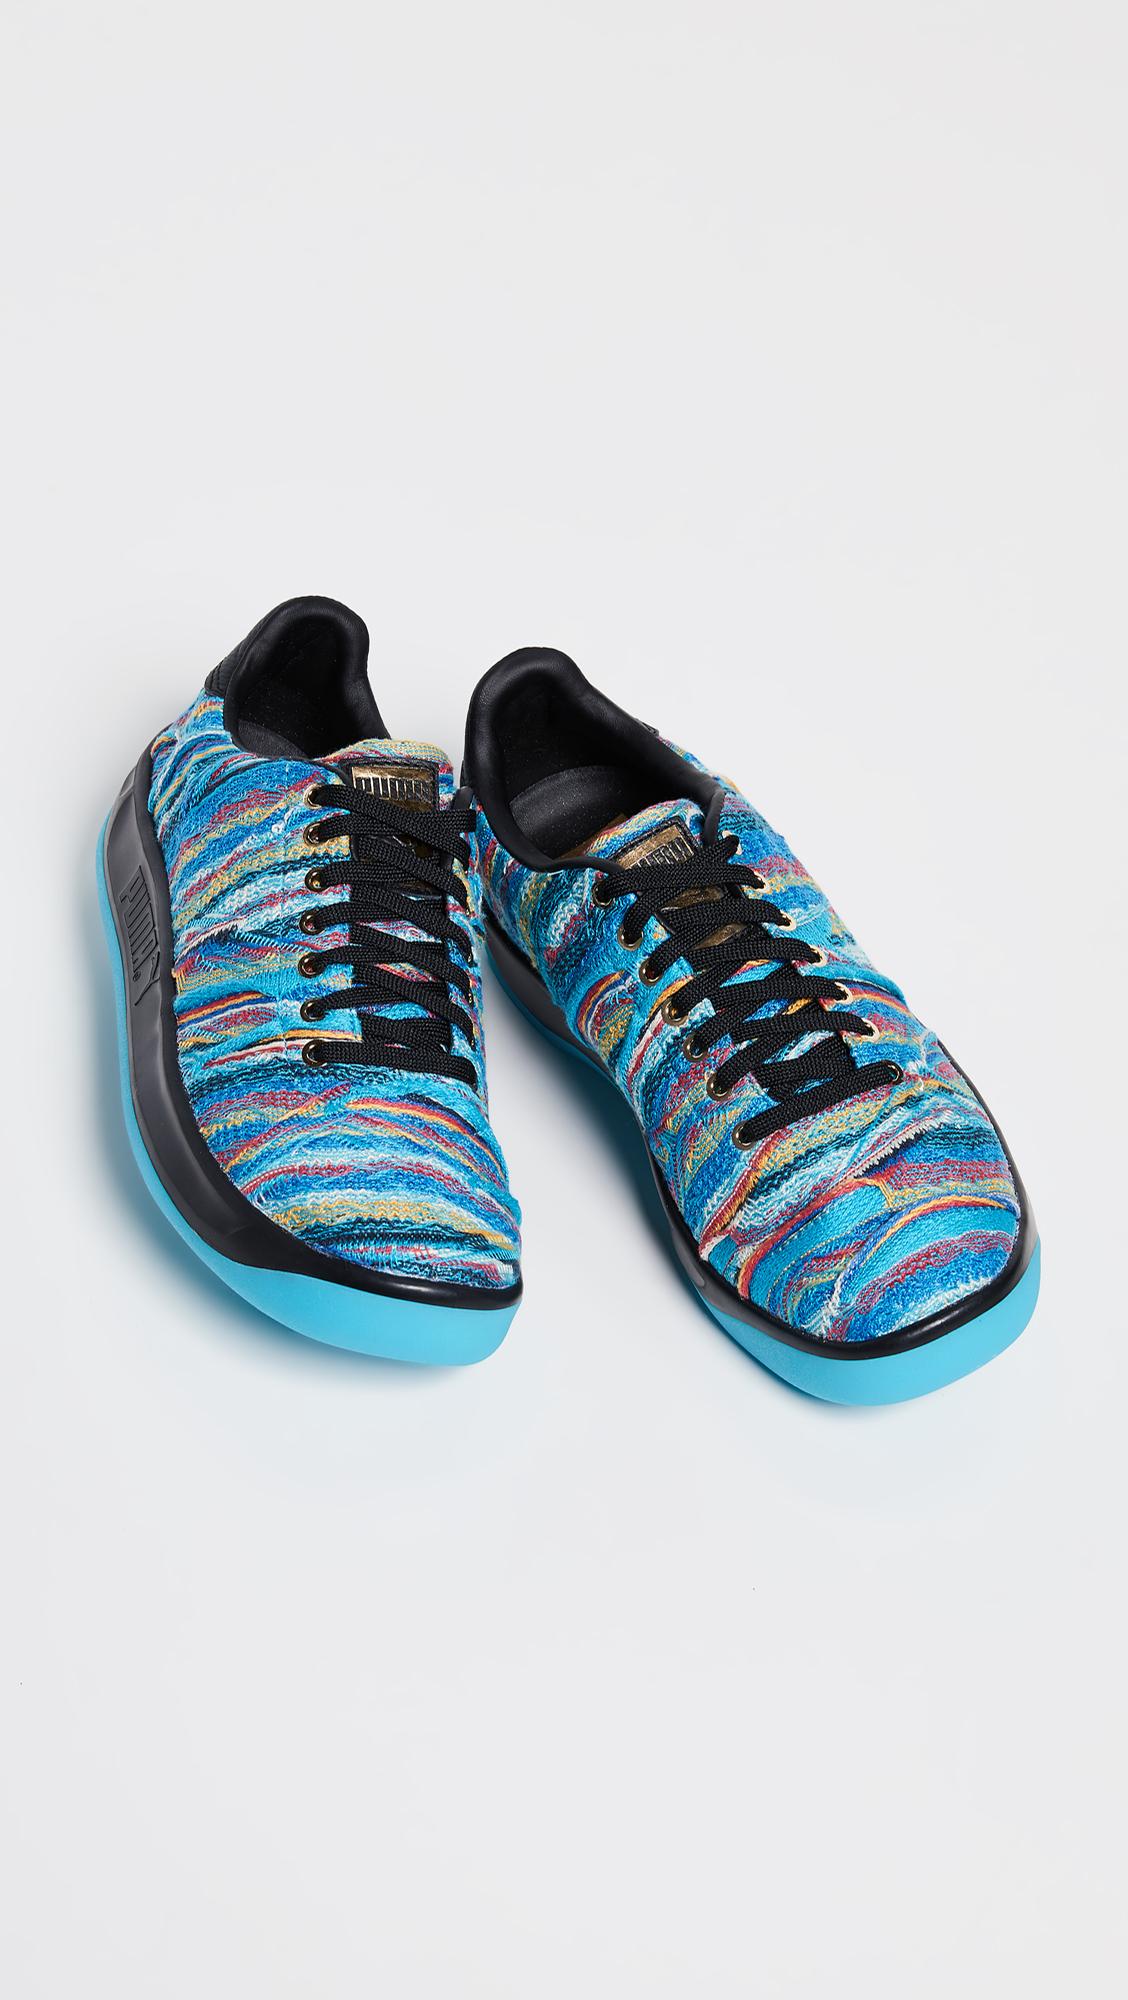 3d30b9f6f5d9 PUMA Select x Coogi California Sneakers